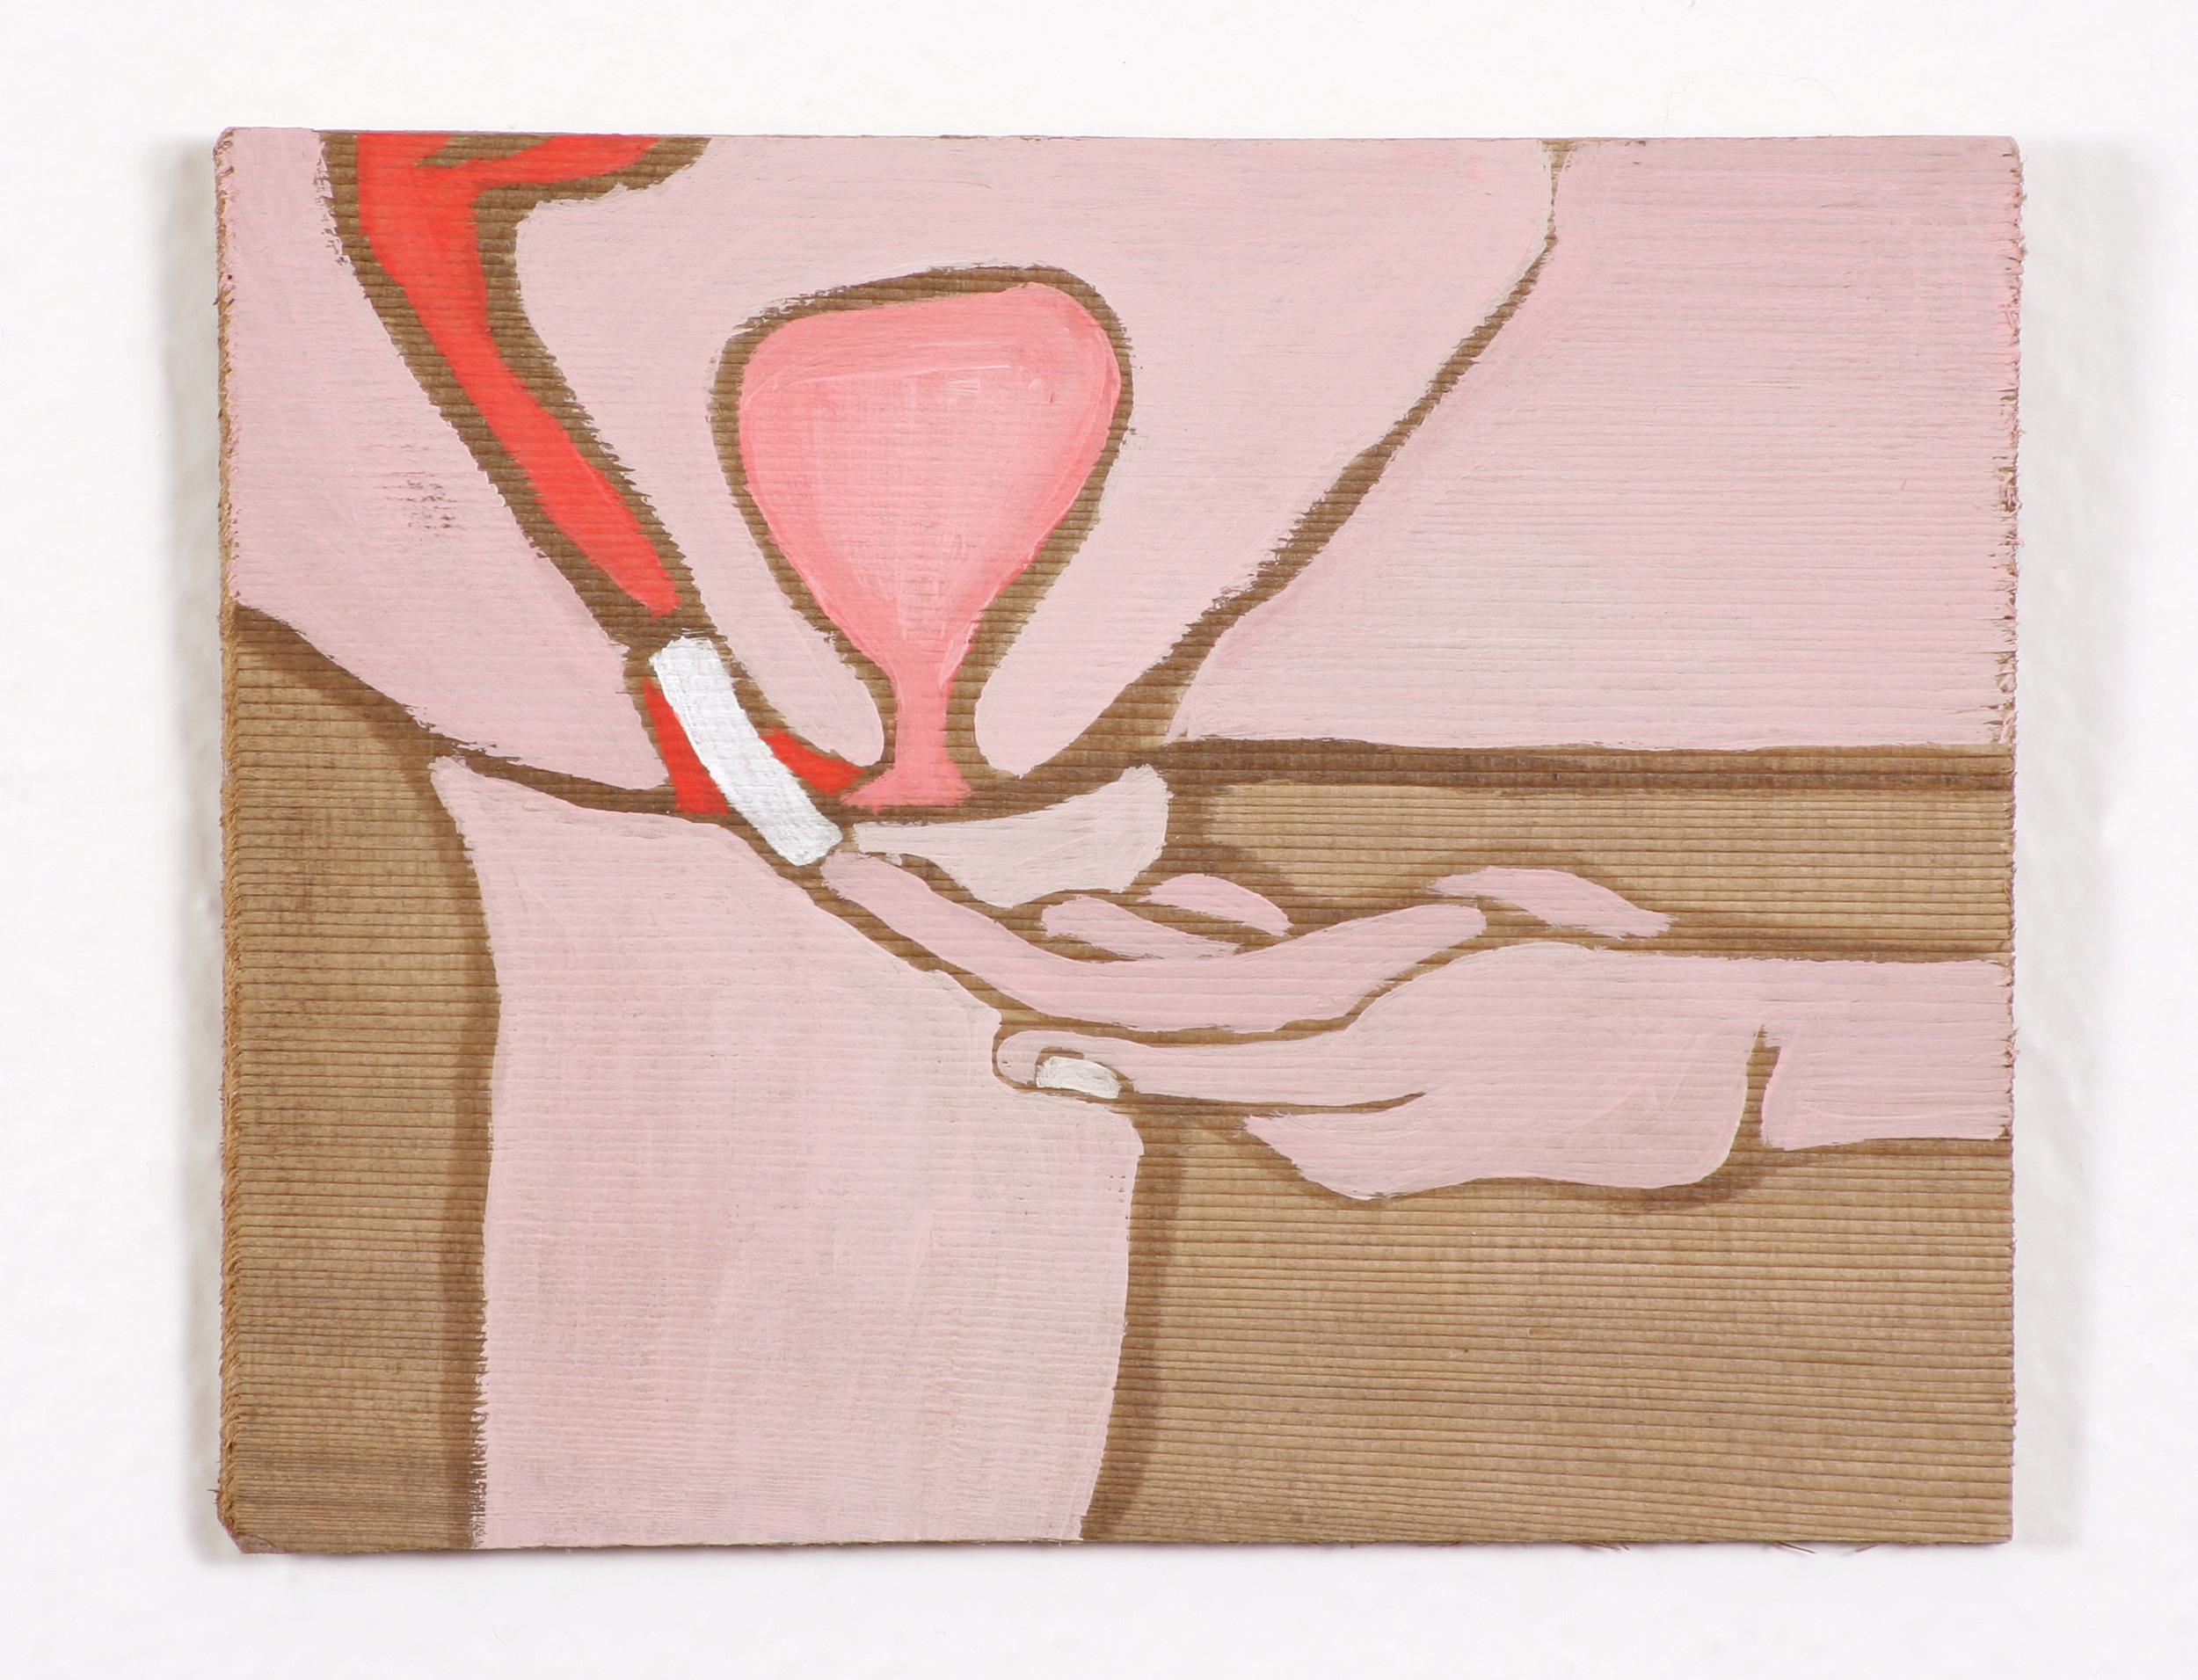 O.B. tampons illustration